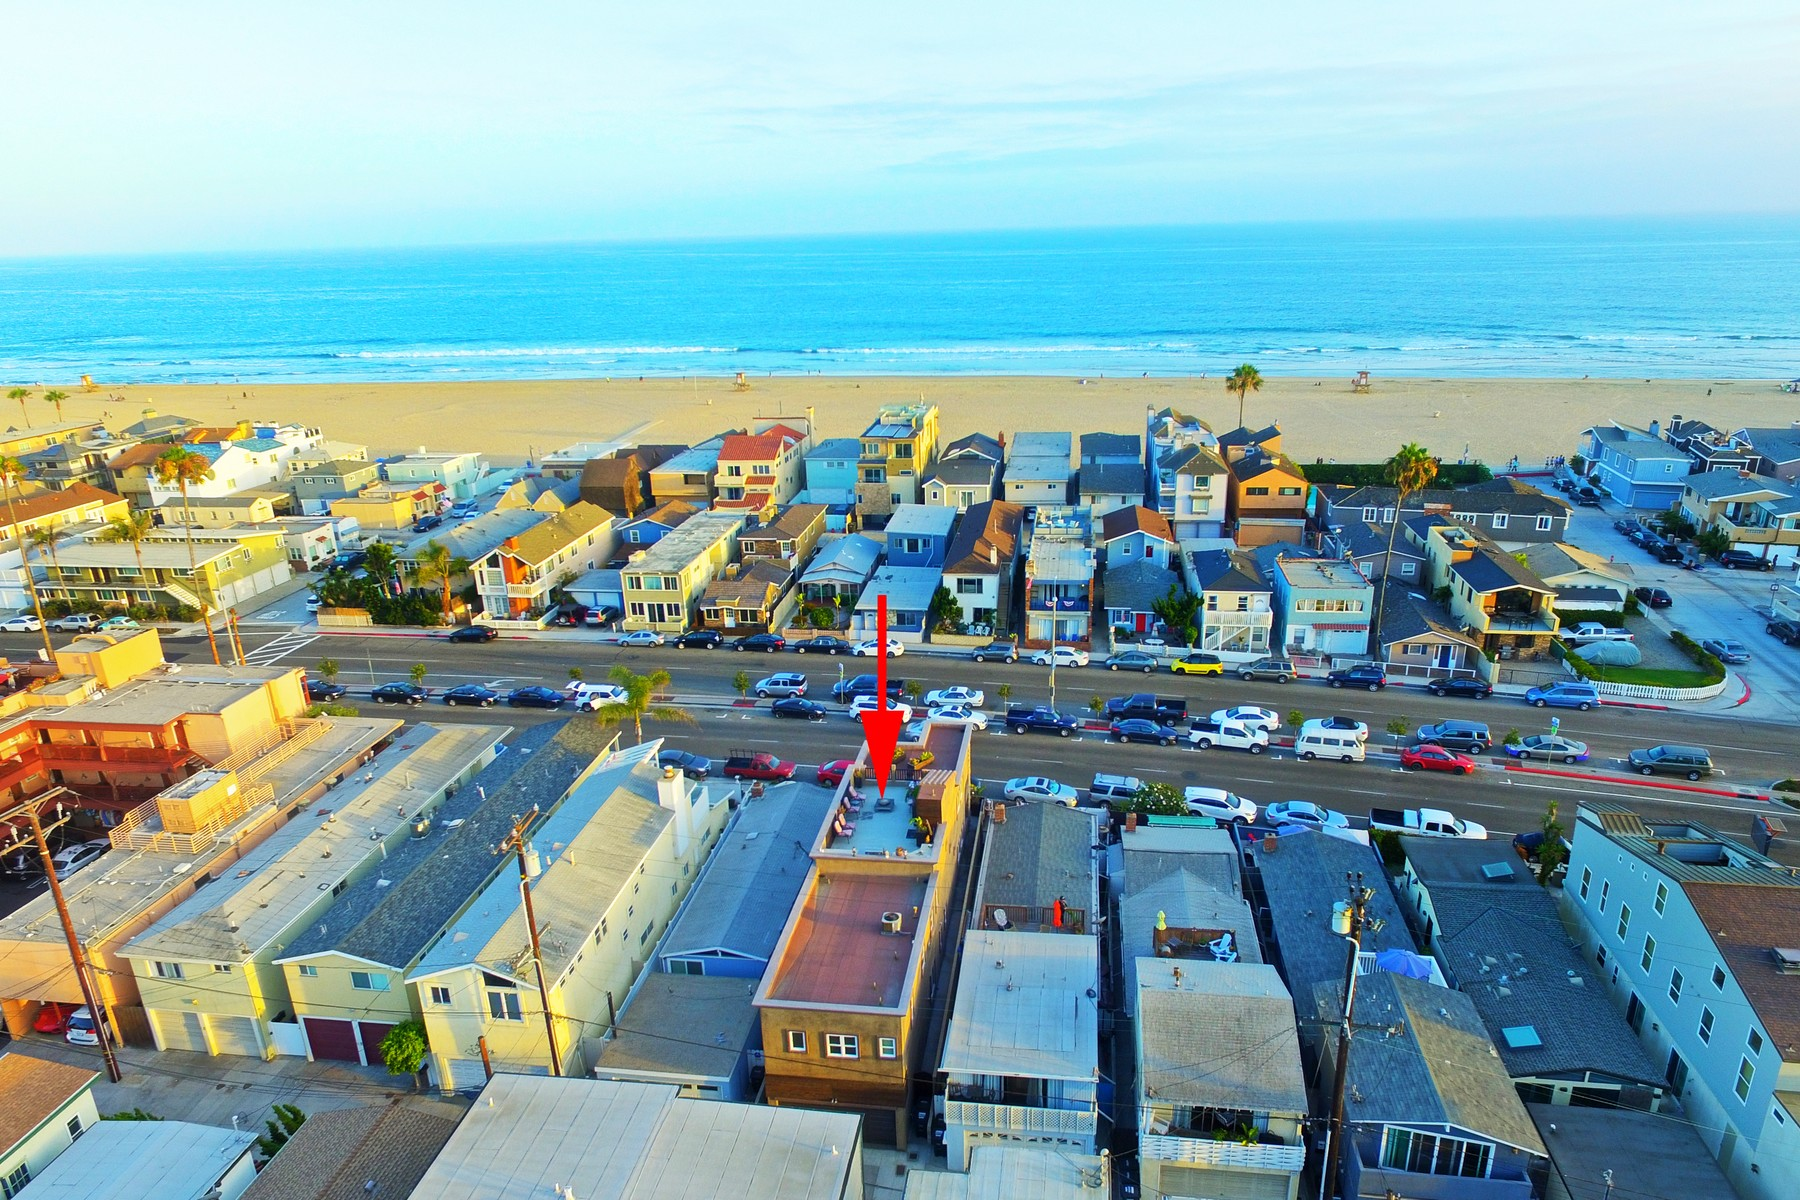 Частный односемейный дом для того Продажа на 1816 W. Balboa Blvd. Newport Beach, Калифорния, 92663 Соединенные Штаты